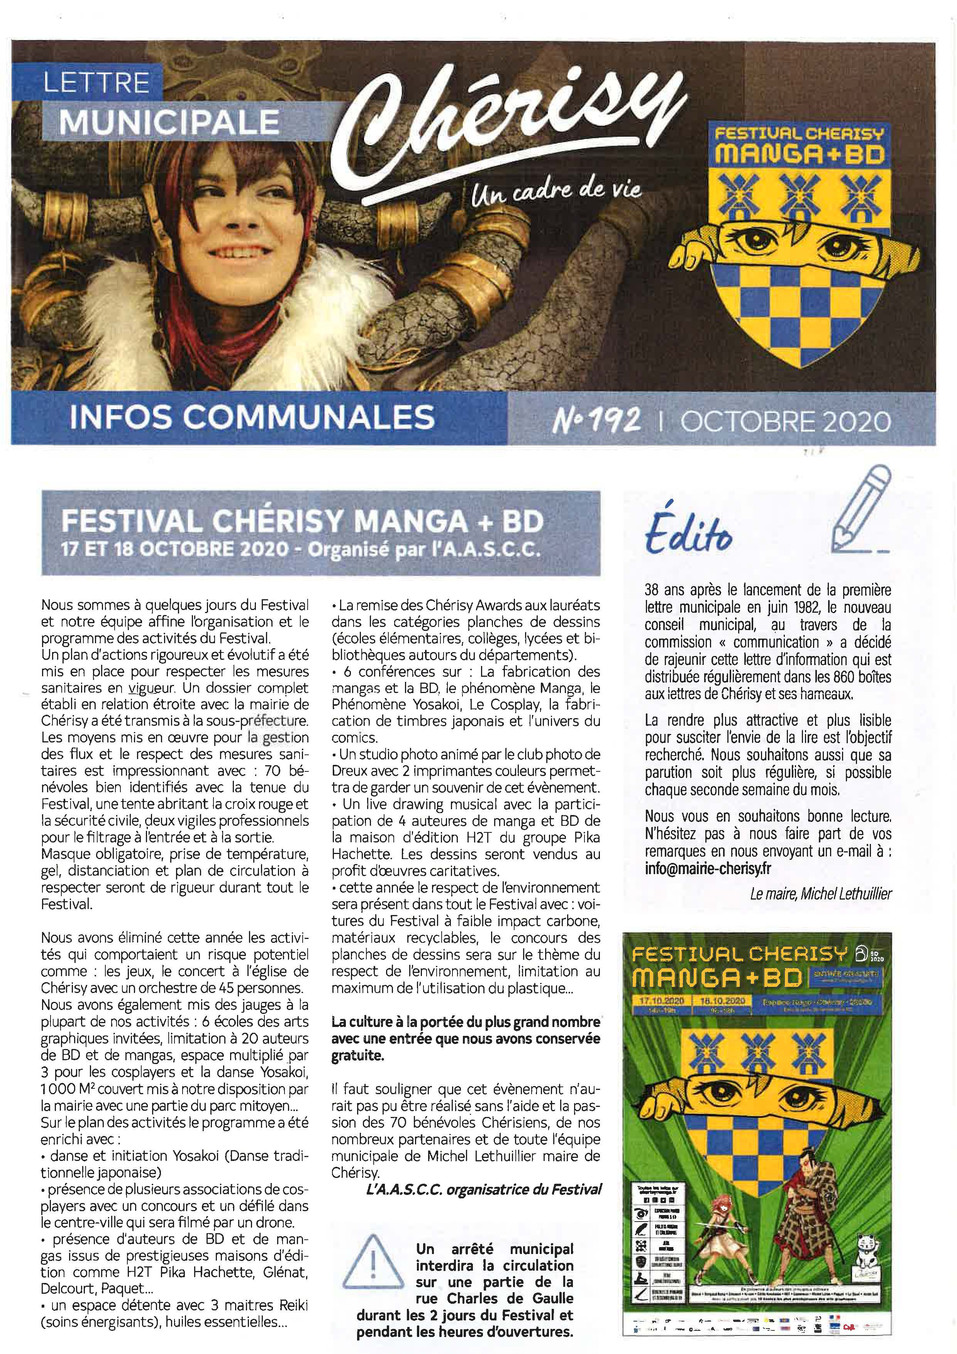 Journal Municipal Chérisy.jpg